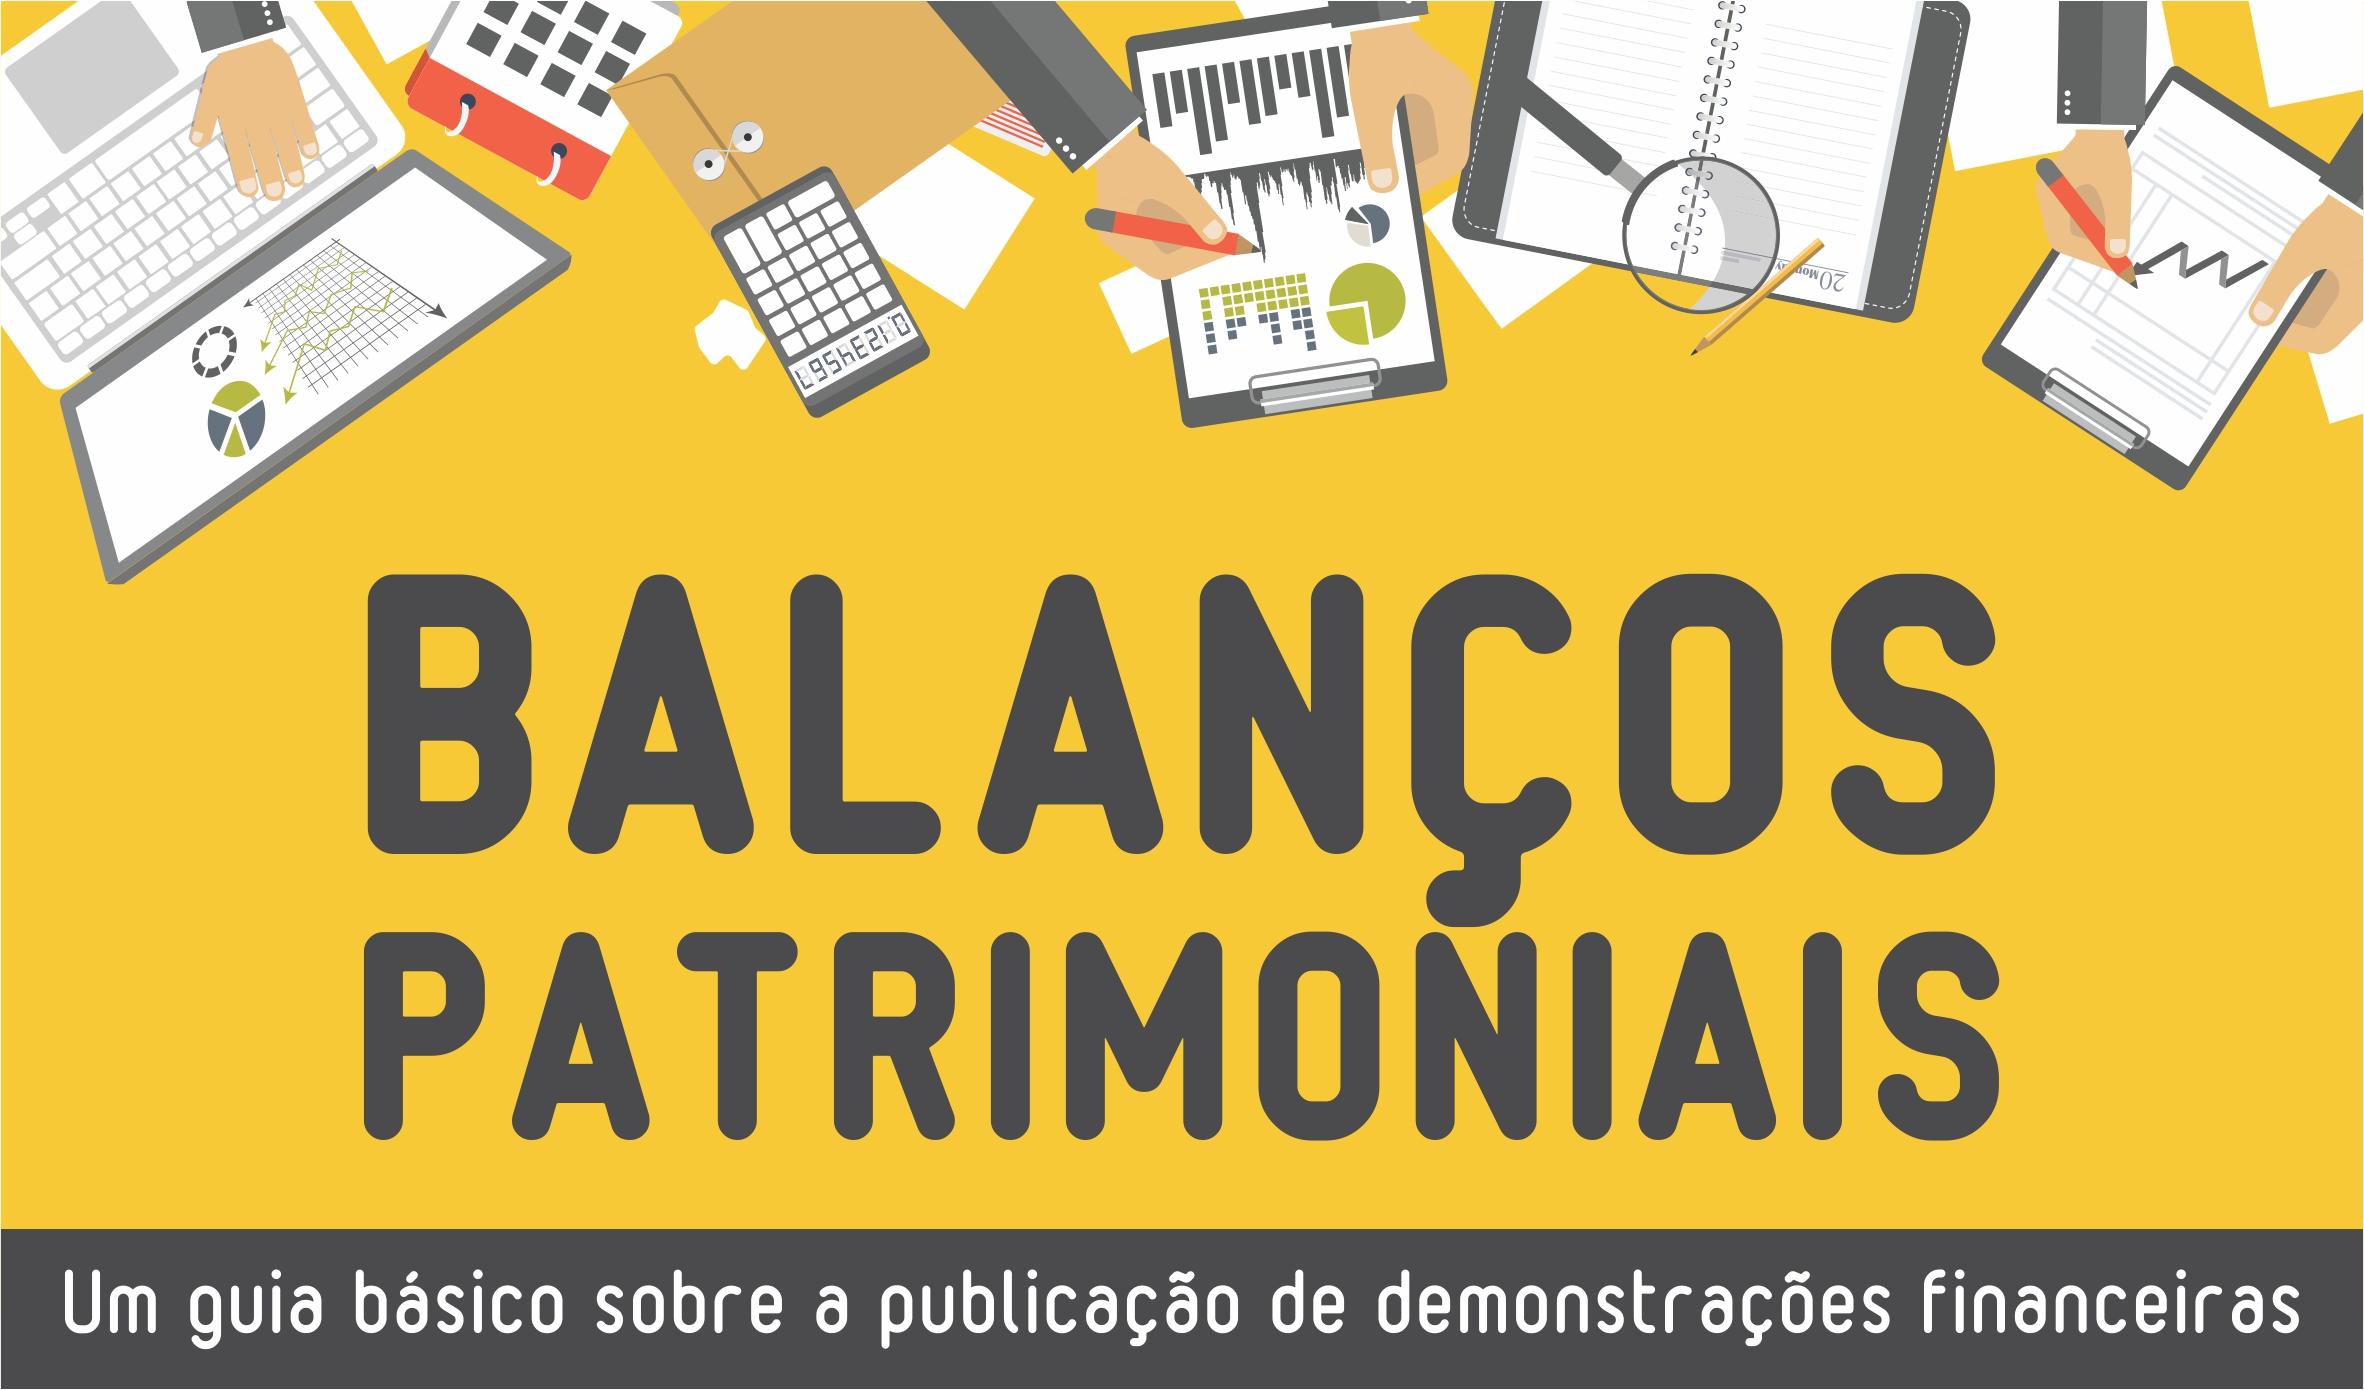 Guia básico sobre publicação de Balanços Patrimoniais